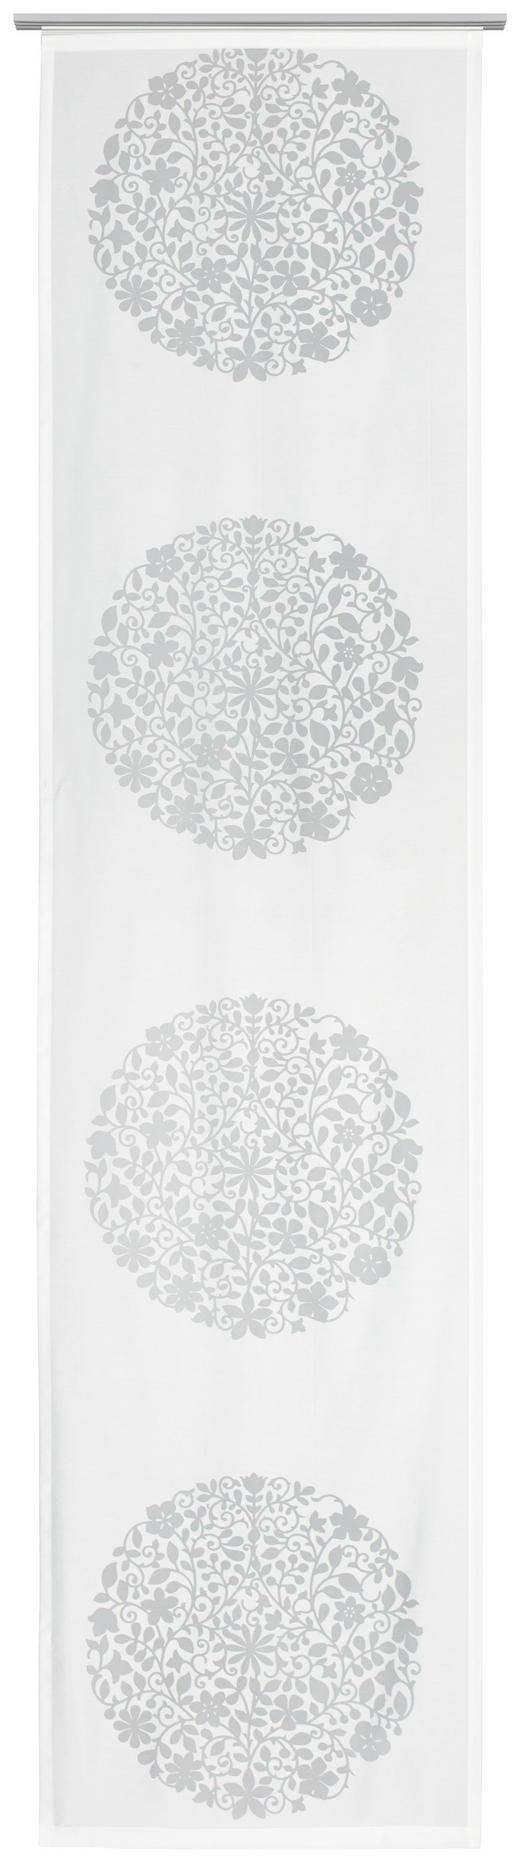 FLÄCHENVORHANG   transparent   60/245 cm - Weiß, Design, Textil (60/245cm) - Novel